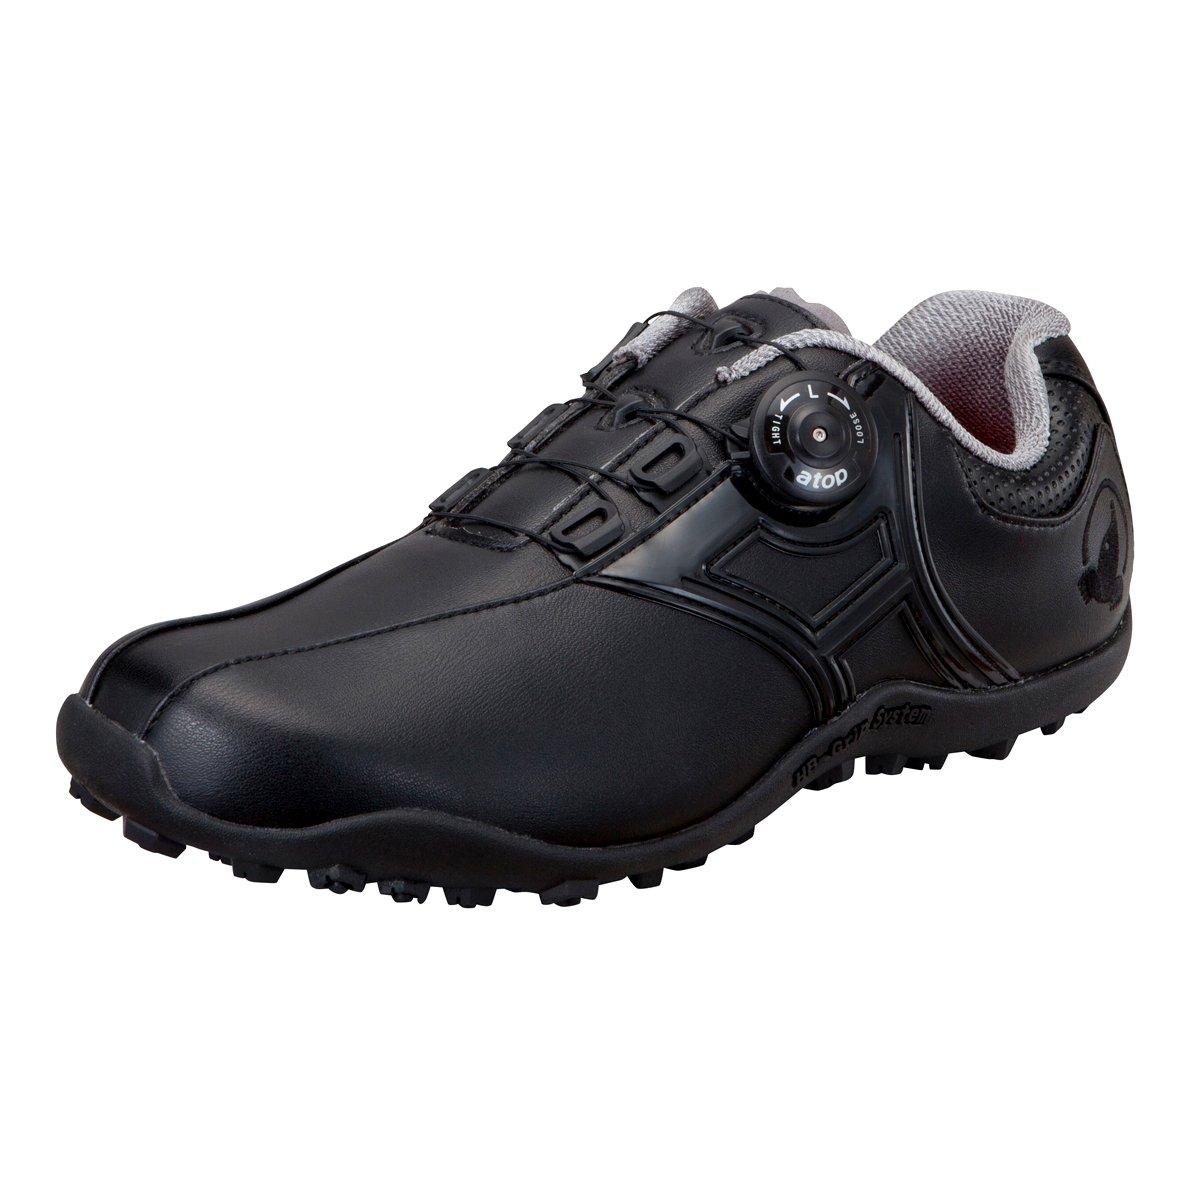 本間ゴルフ HONMA メンズ スパイクレス ダイヤルシューズ ブラック/ブラック 26cm 3E SR-1604 原産国:中国 素材:甲(人工皮革) 、底(合成ゴム) B077HQ348M